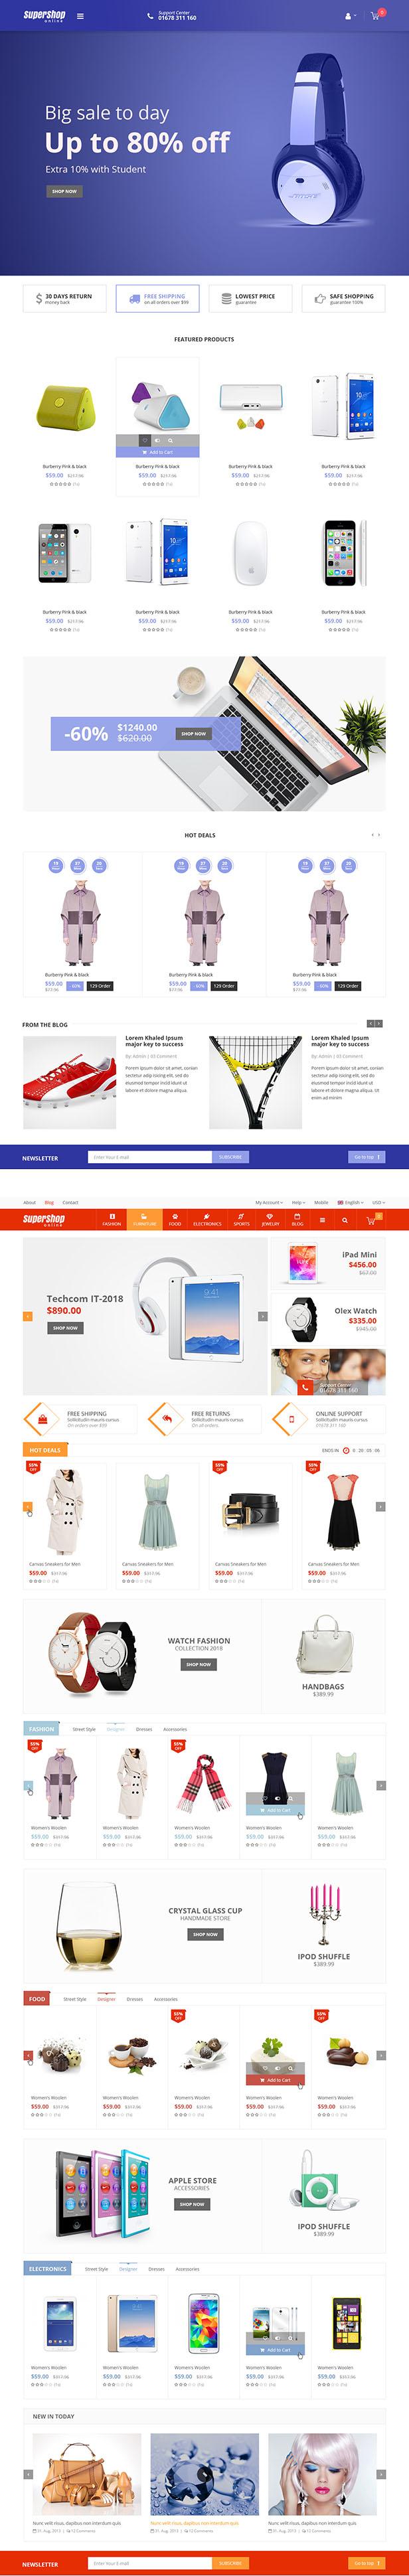 Super Shop - Marktgeschäft RTL Responsive WooCommerce WordPress Template - 4